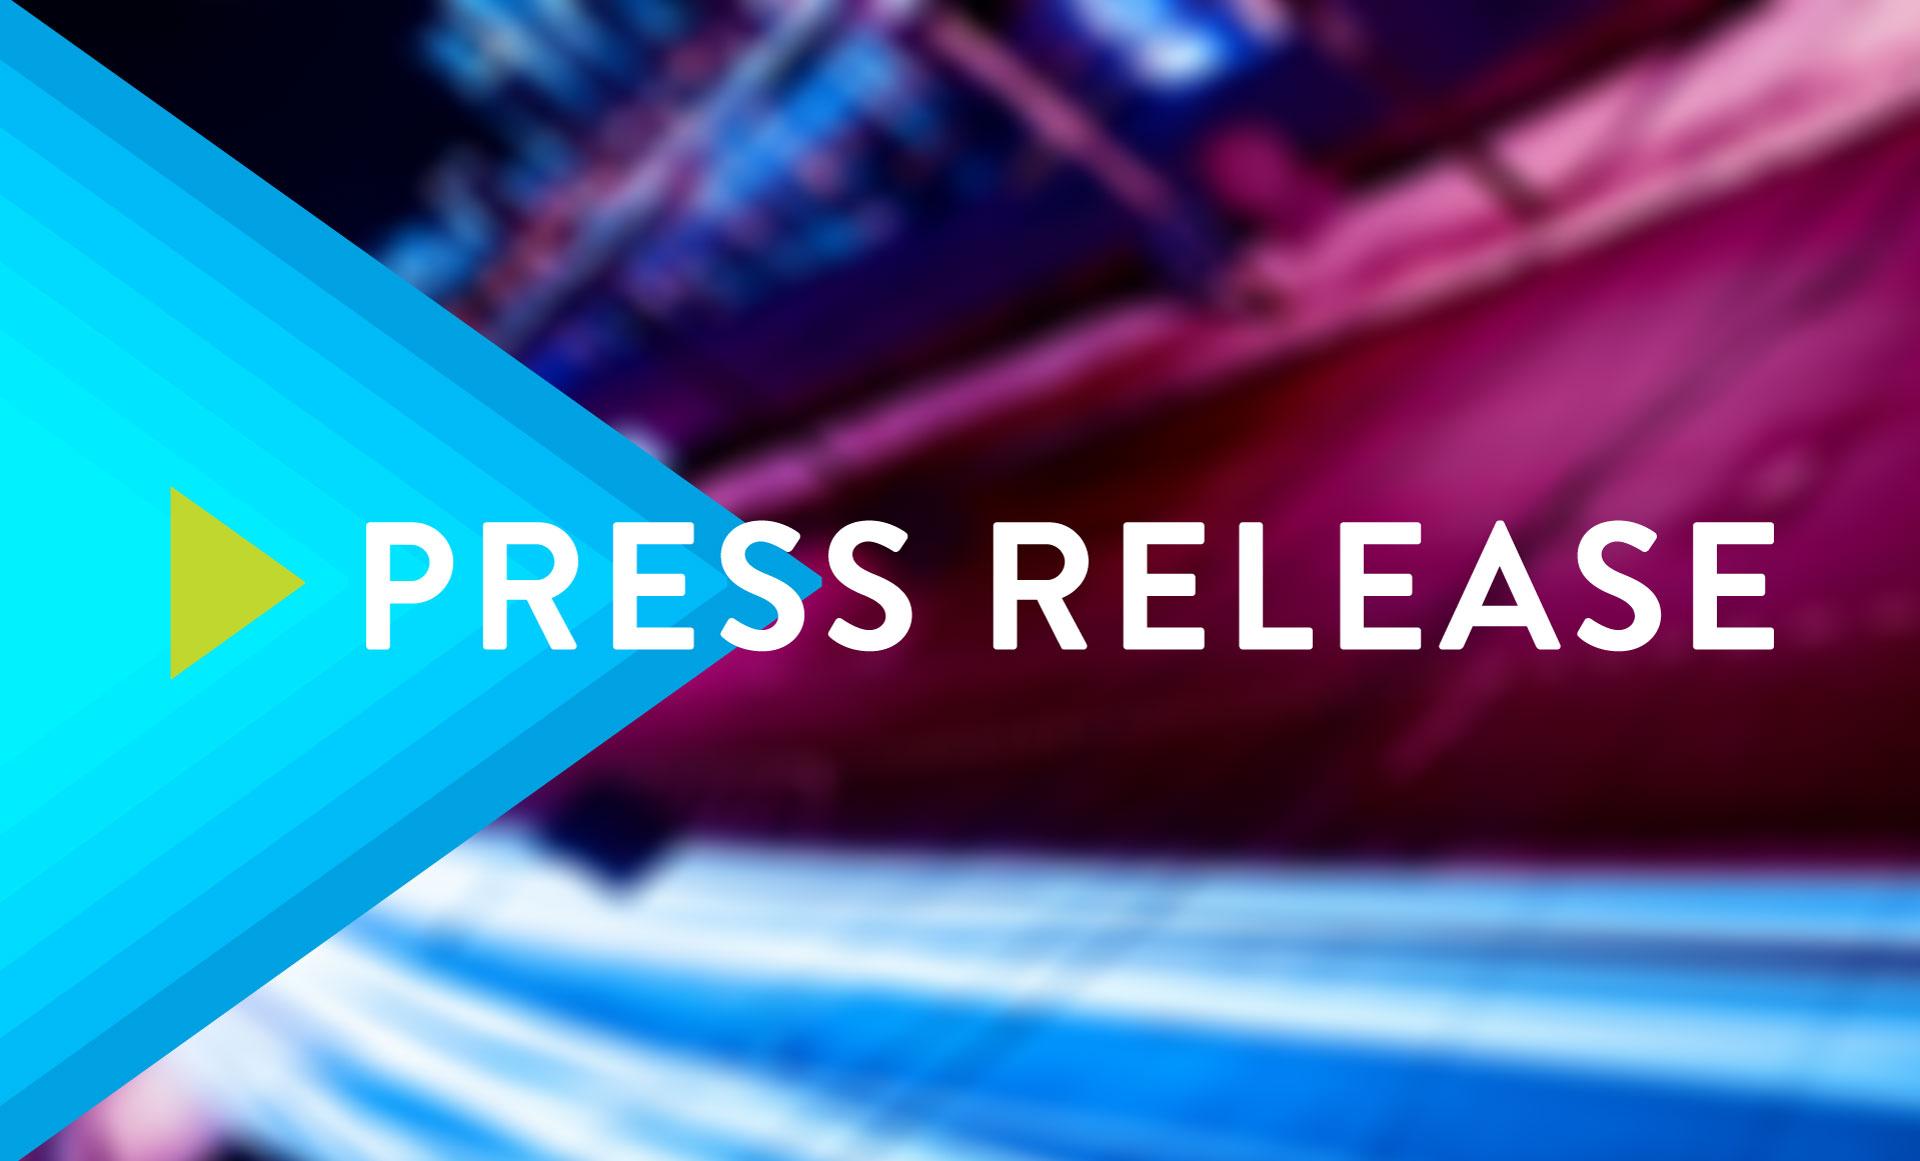 Ingenu Press Release